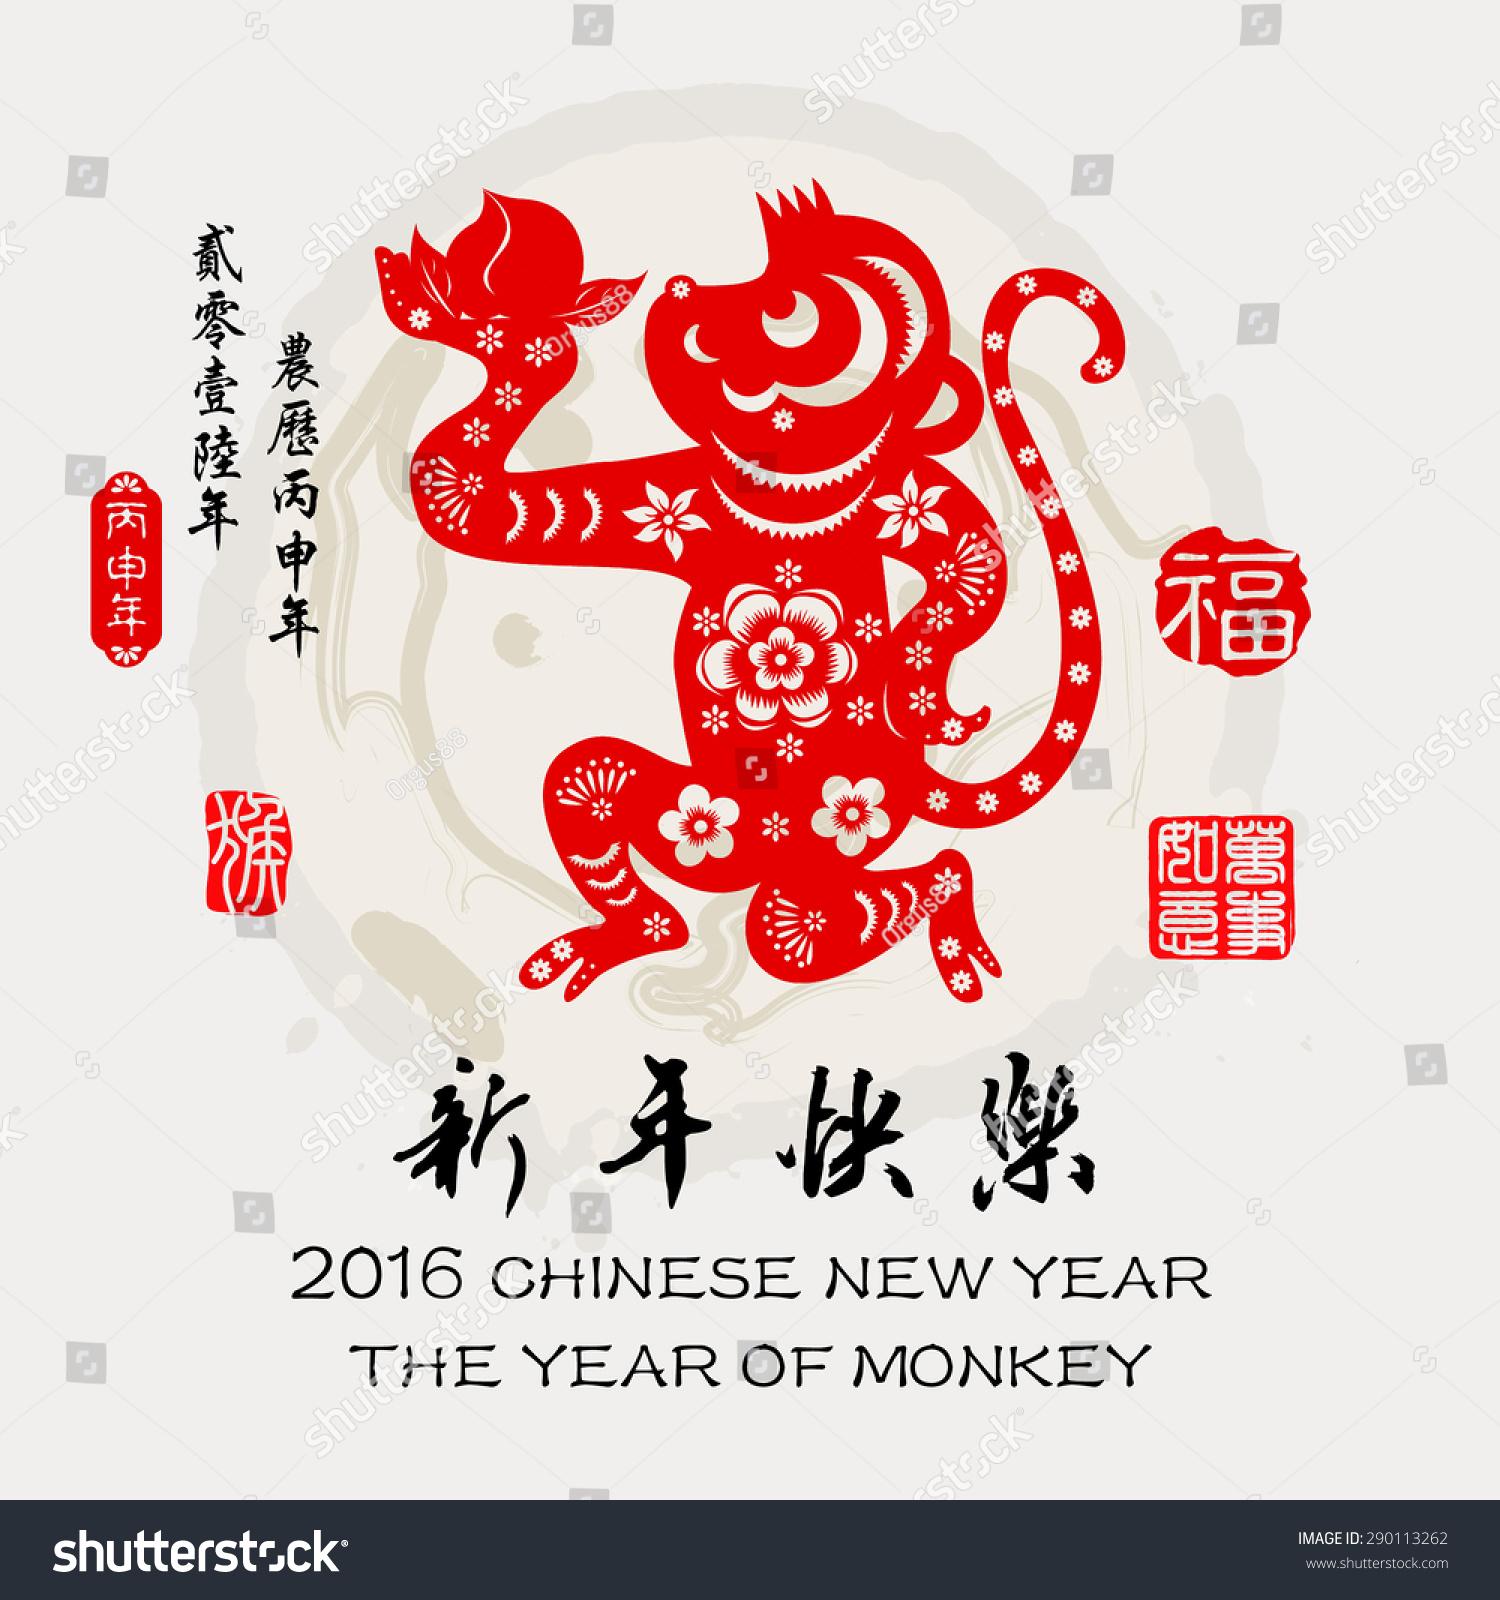 ... 2016 Lunar New Year of Monkey / big text translation: Happy New Year